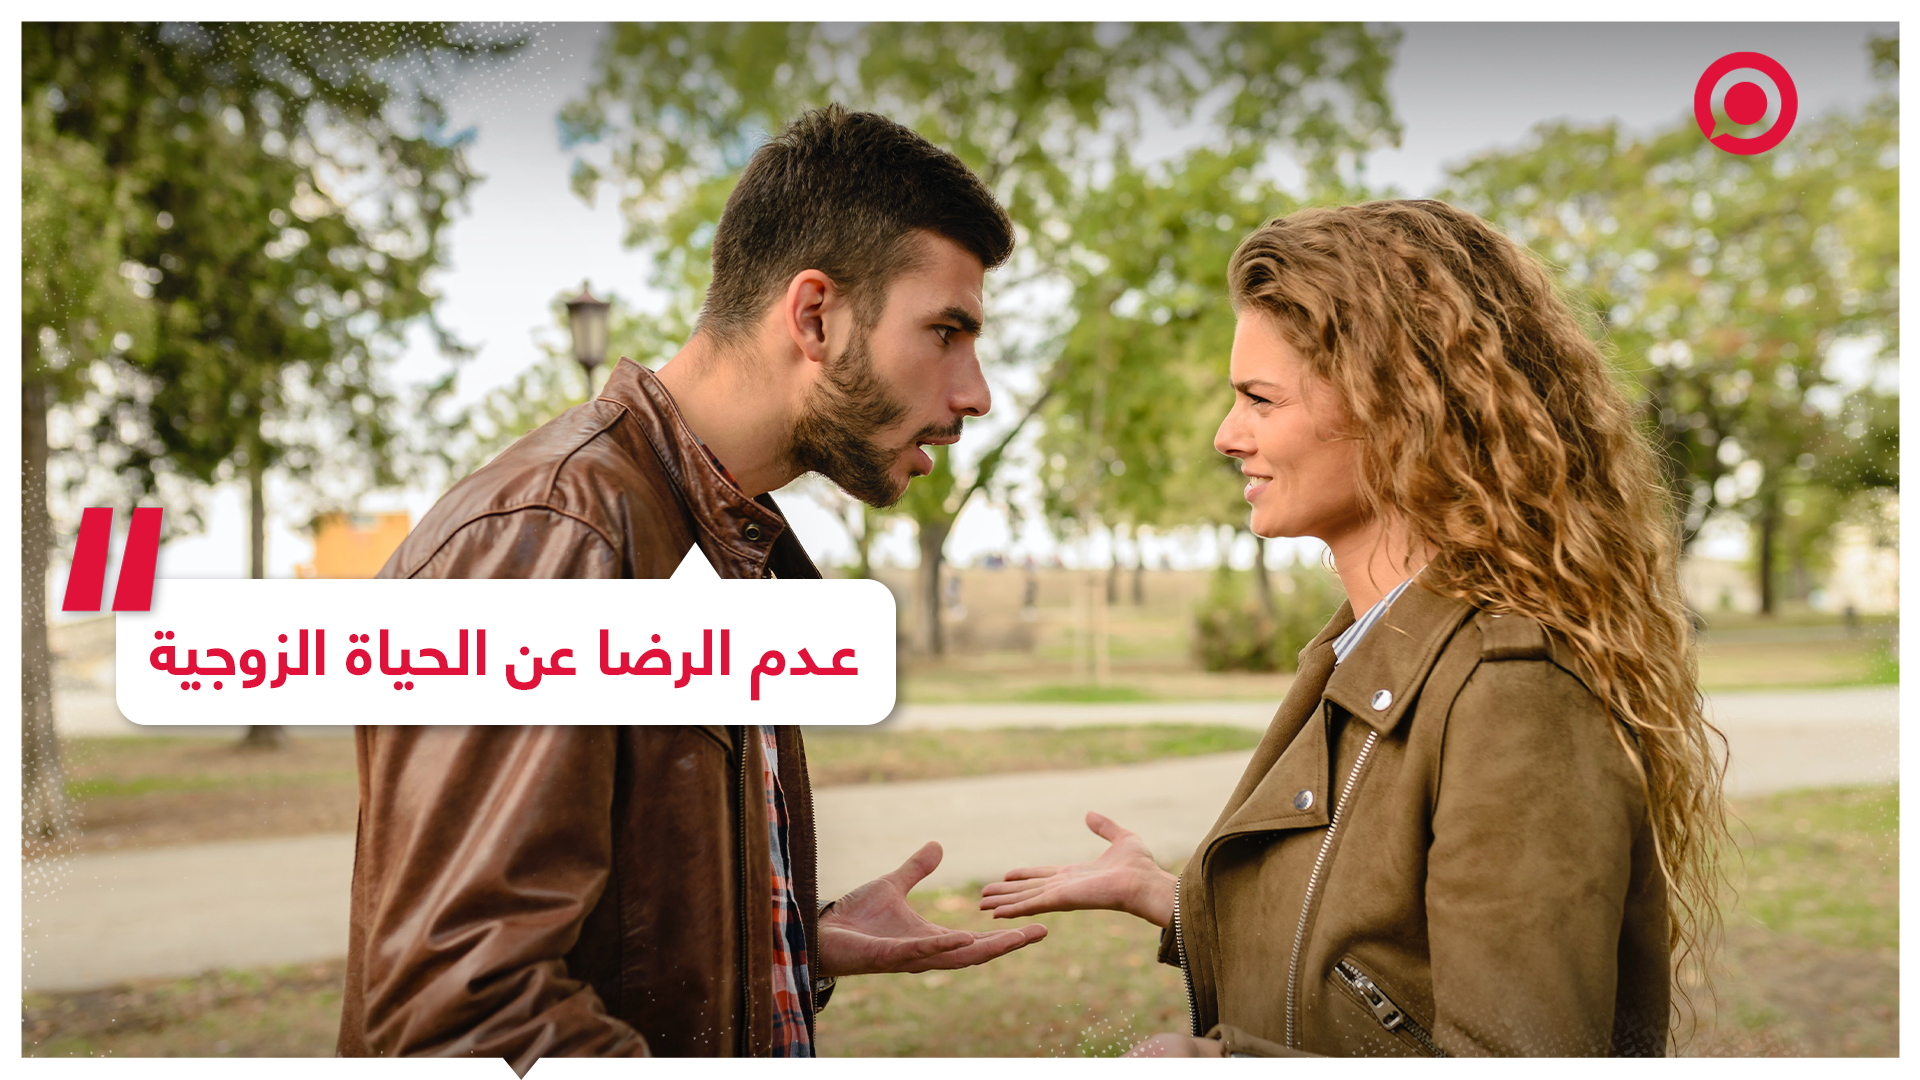 عدم الرضا عن الحياة الزوجية يعرض حياة الرجال للخطر